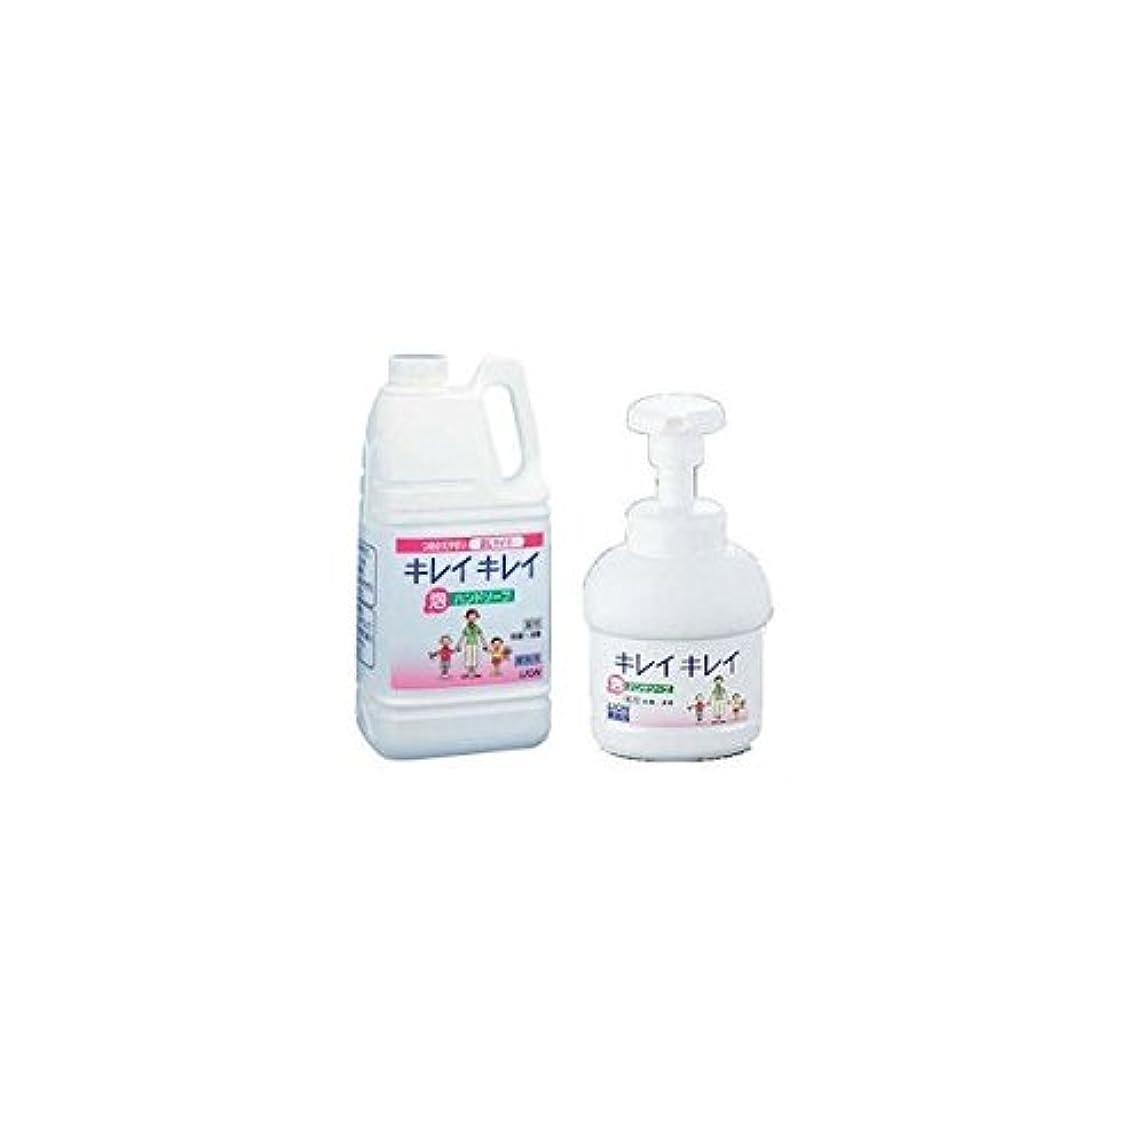 ジュラシックパークボーナス国ライオン キレイキレイ薬用泡ハンドソープ 2L(250MLポンプ付) 【品番】JHV2501